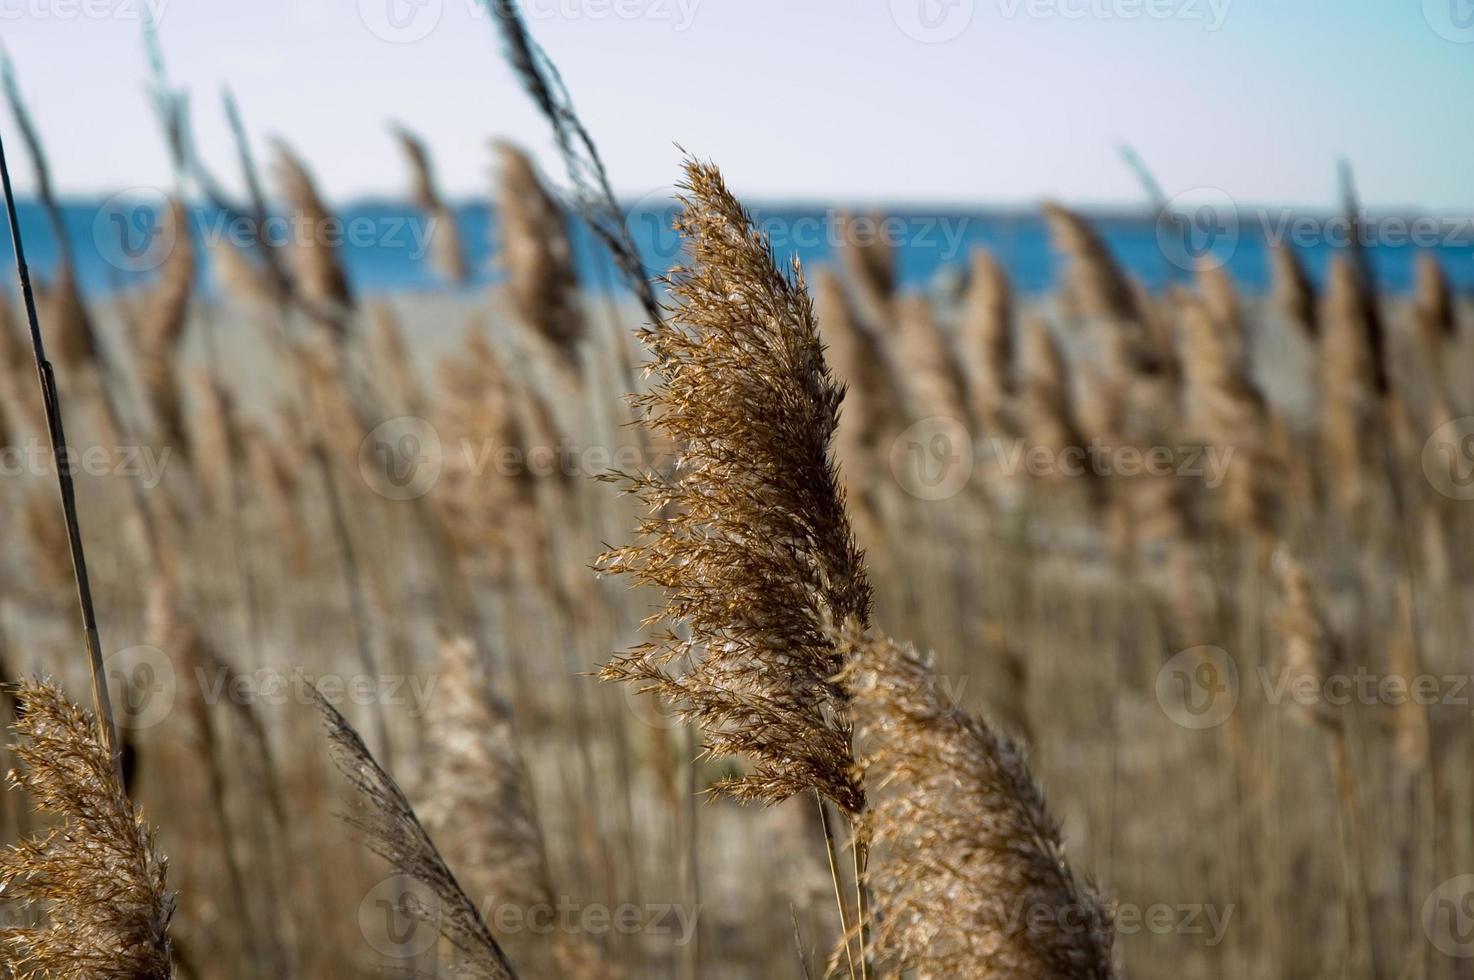 höst hav gräs nära strandlinjen foto